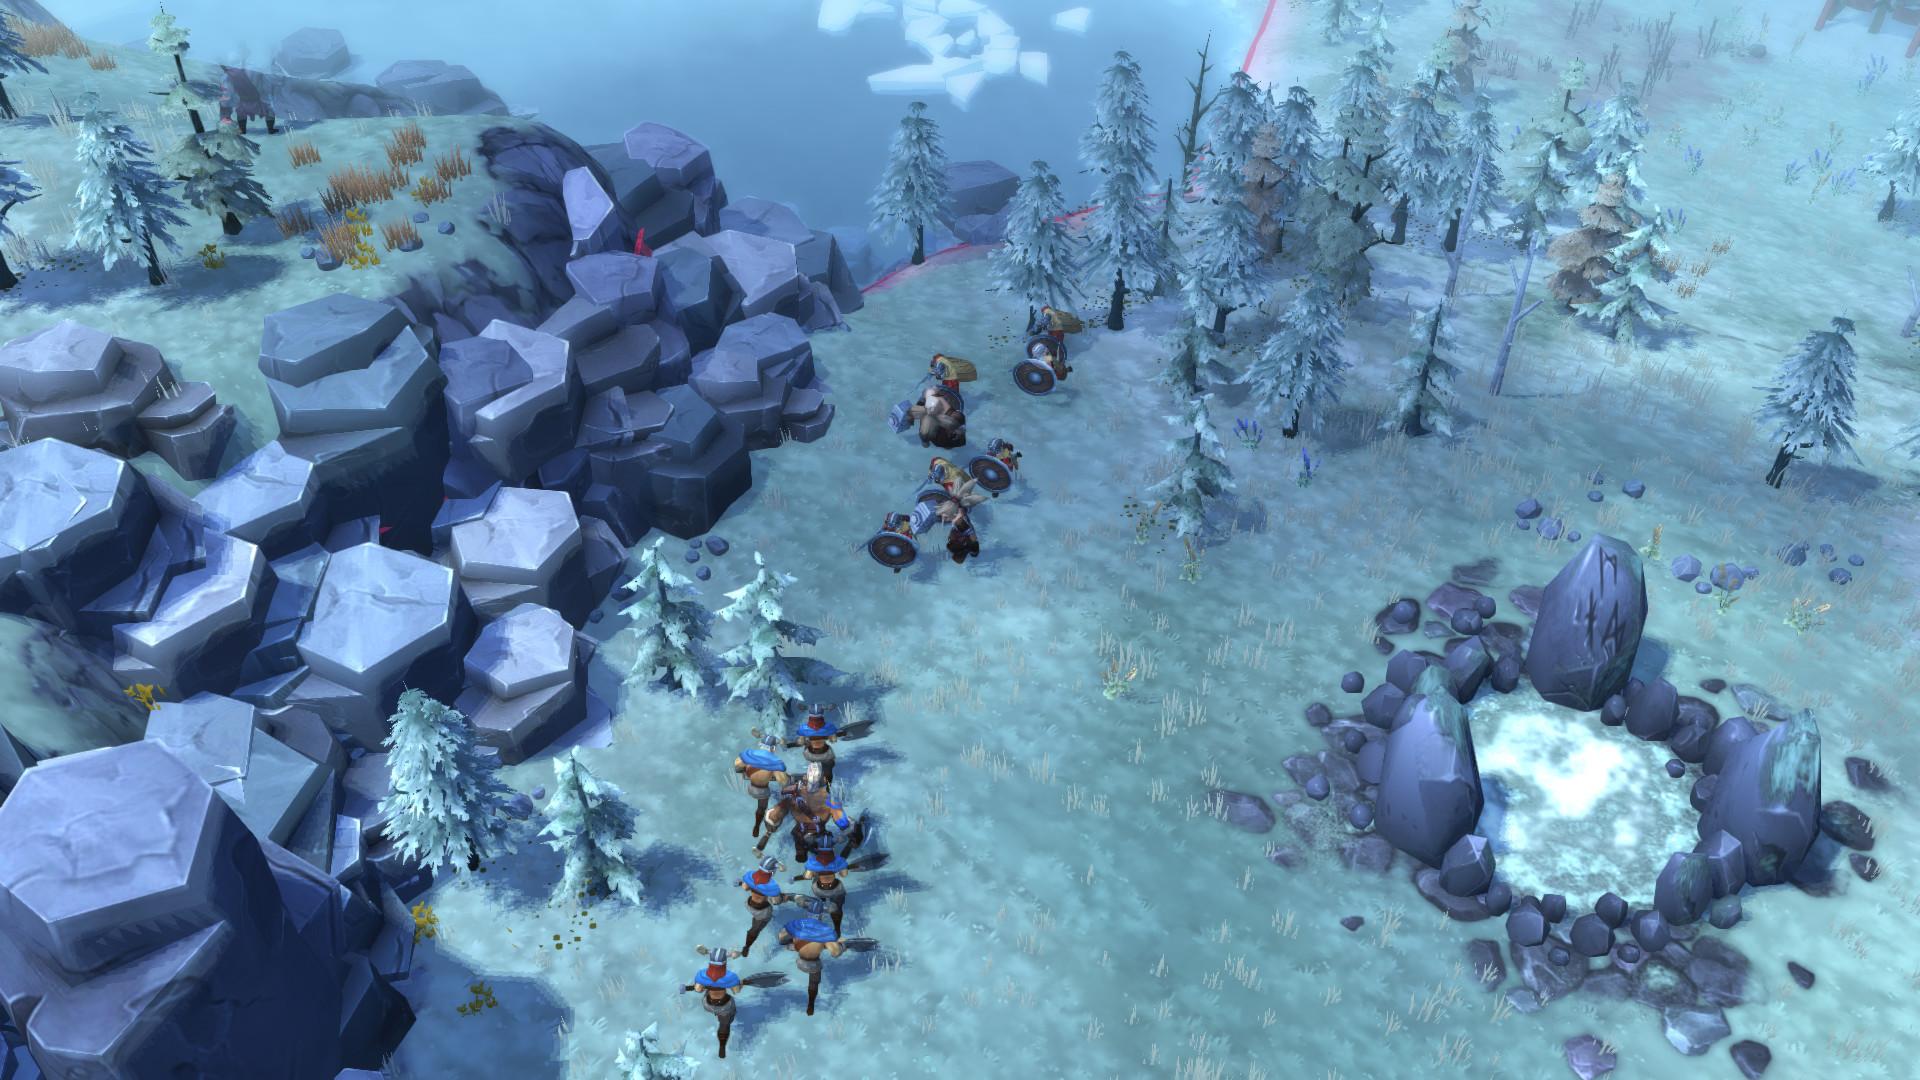 سی دی کی اریجینال استیم بازی Northgard